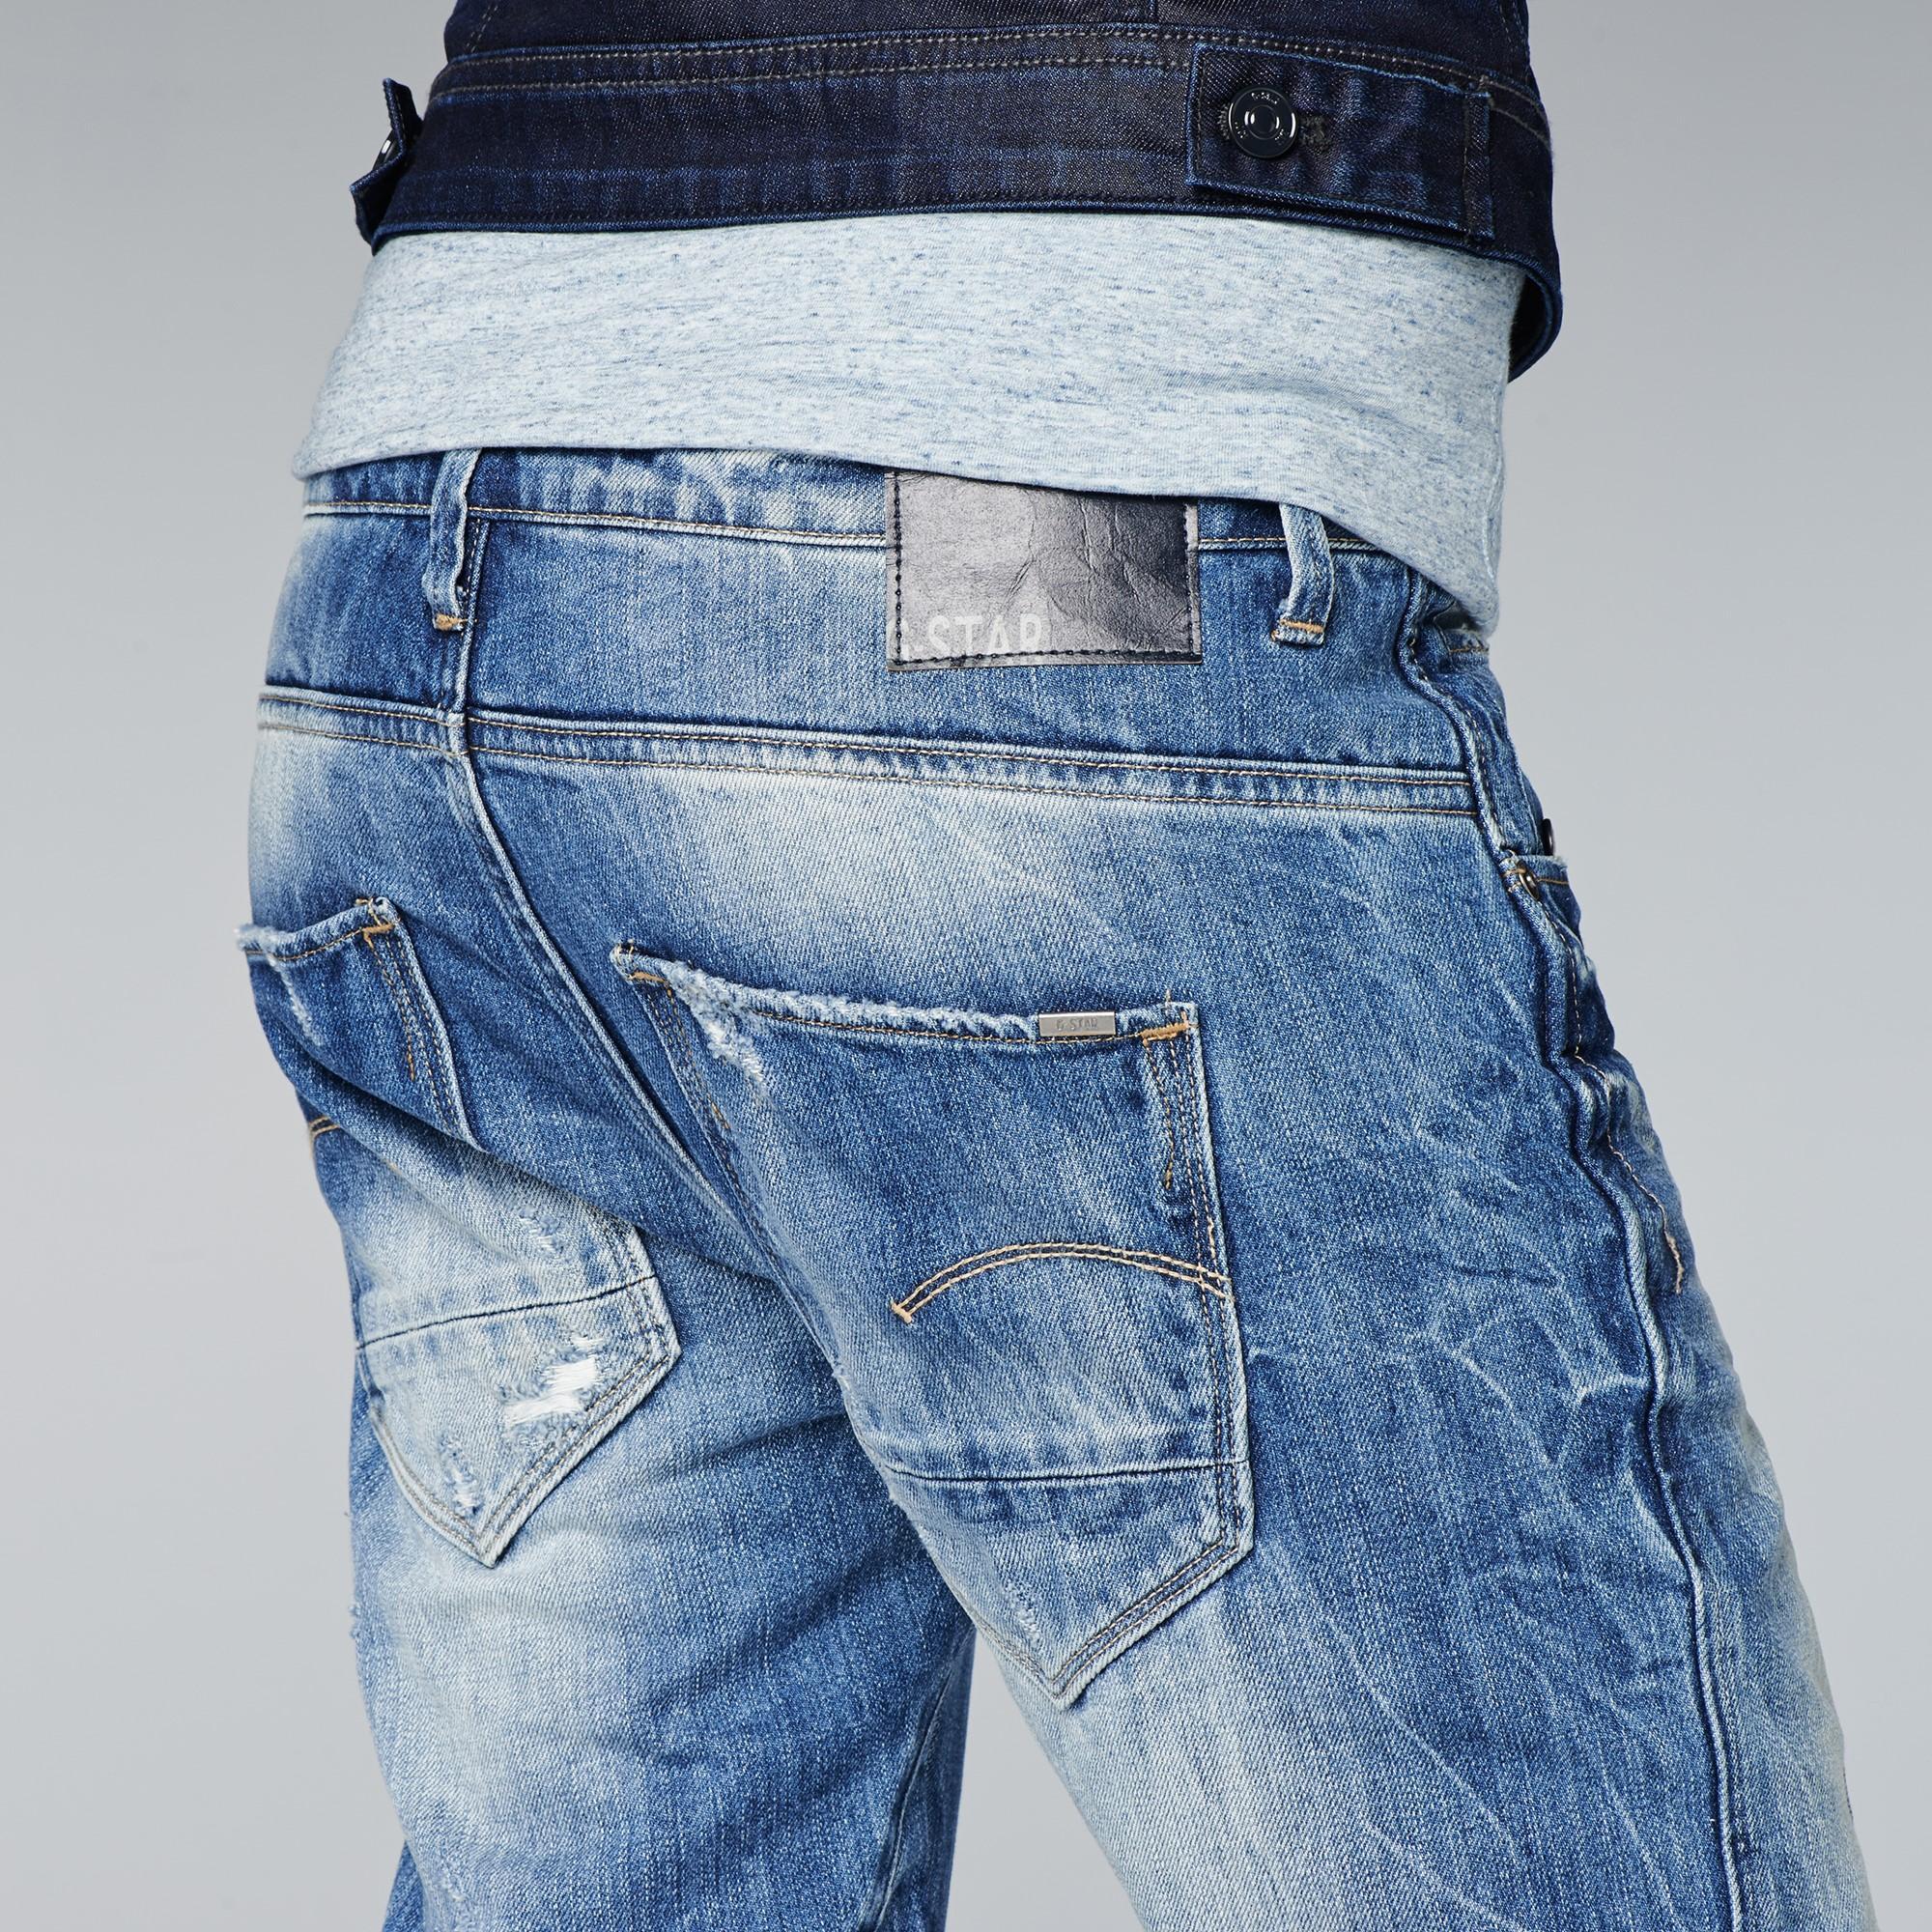 g star damen arc 3d tapered jeans bekleidung. Black Bedroom Furniture Sets. Home Design Ideas